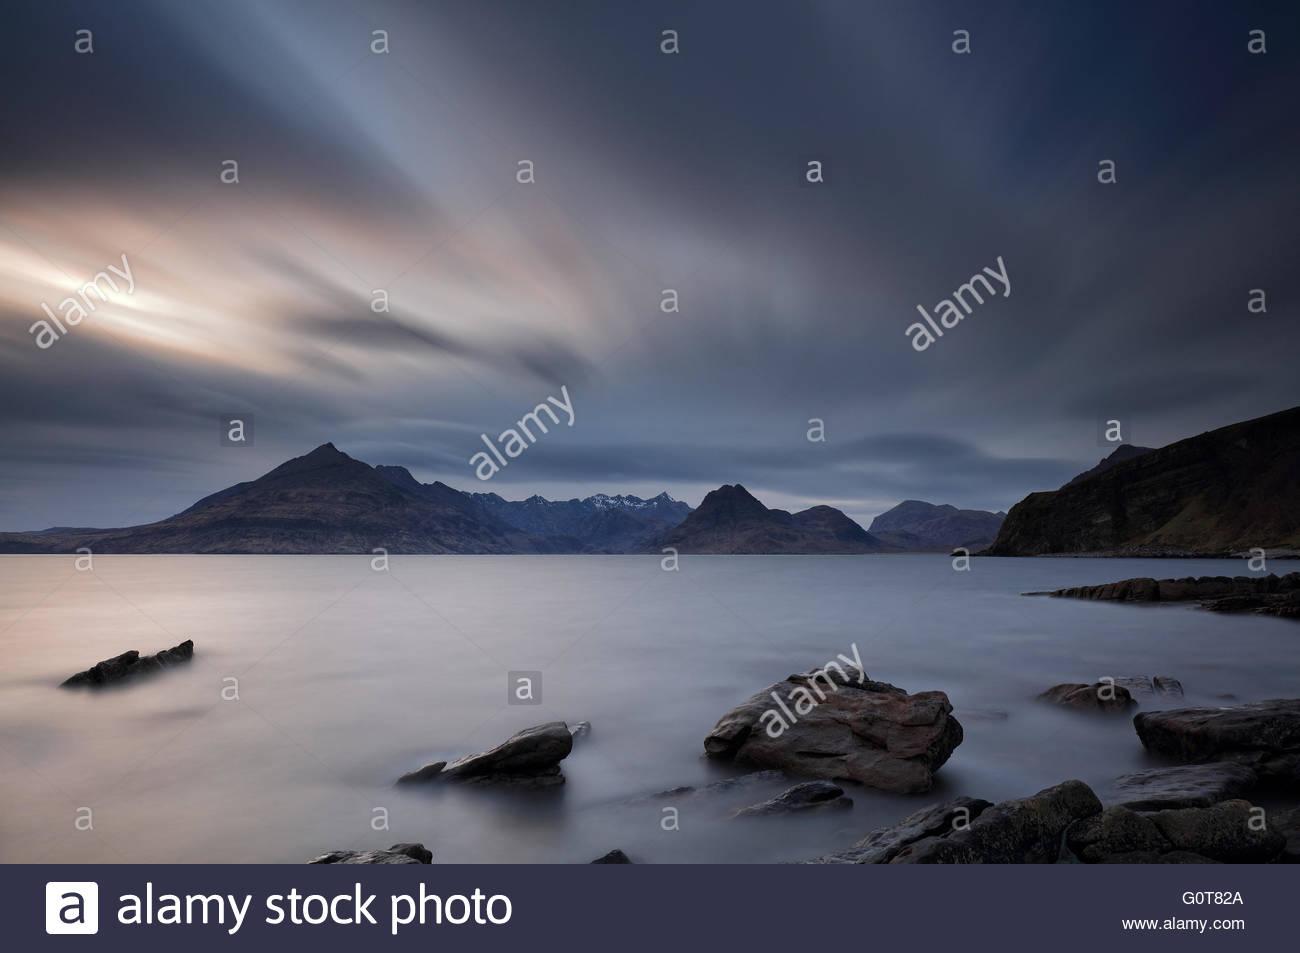 Une longue exposition de la côte rocheuse à Elgol sur l'île de Skye, avec les sommets enneigés Photo Stock